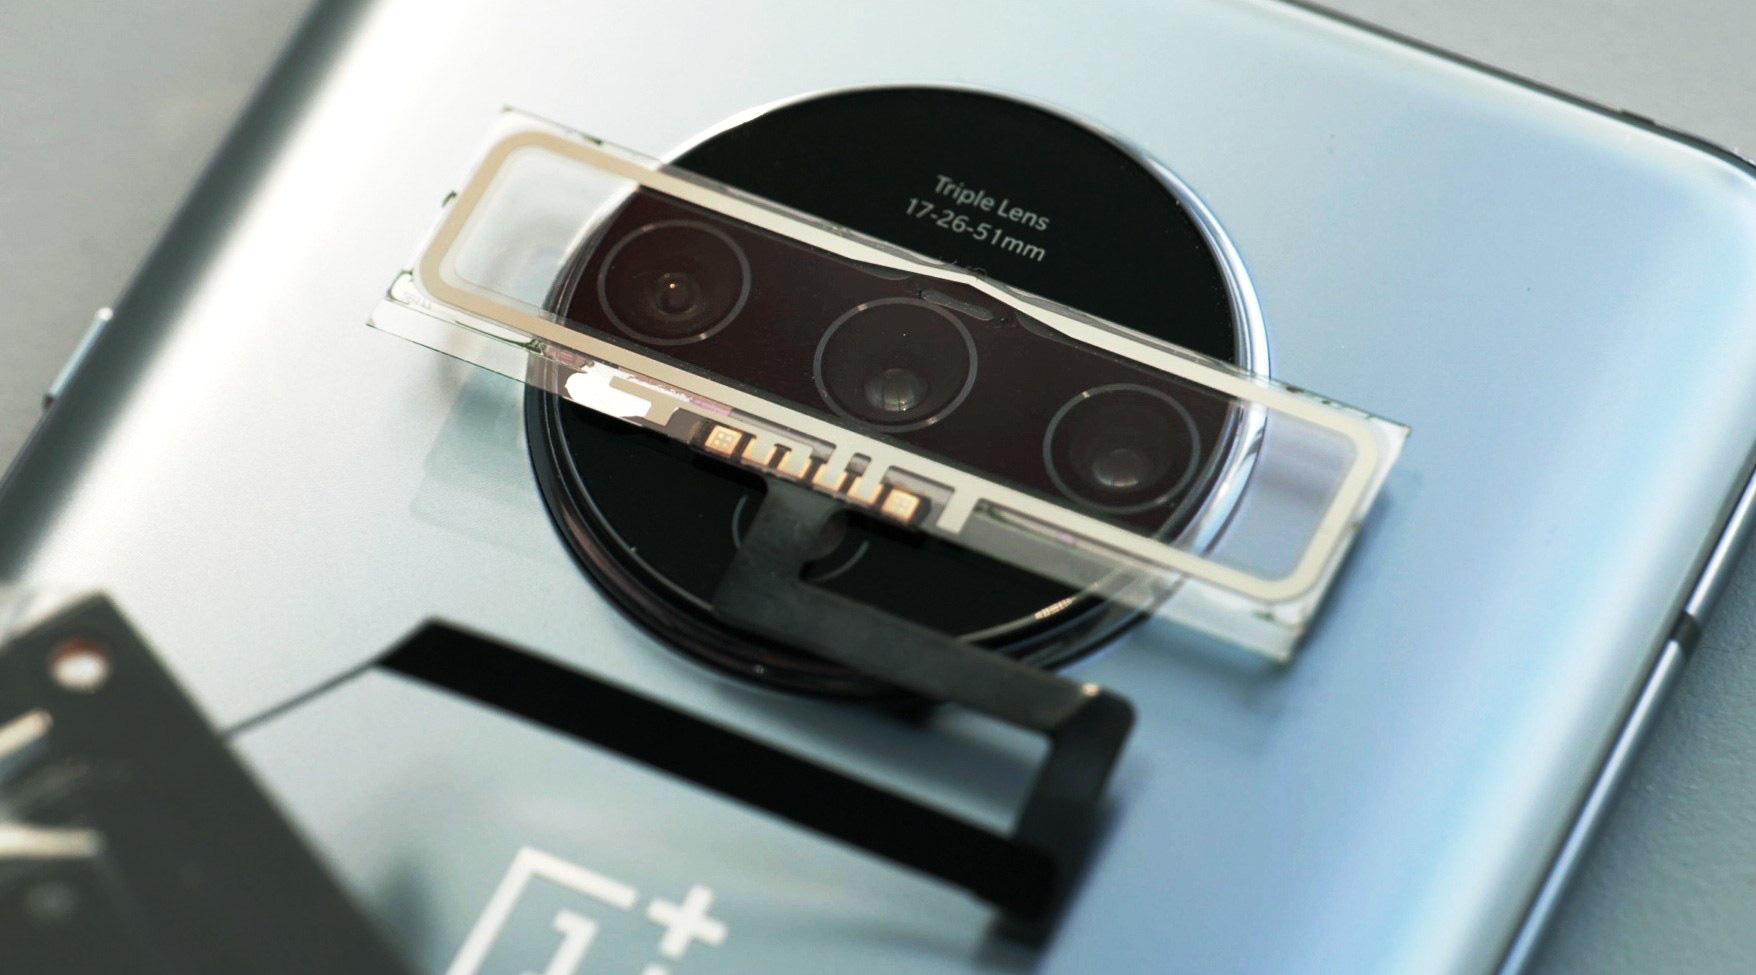 OnePlus vượt mặt Samsung và Apple trở thành hãng sở hữu camera vô hình đầu tiên - Ảnh 2.